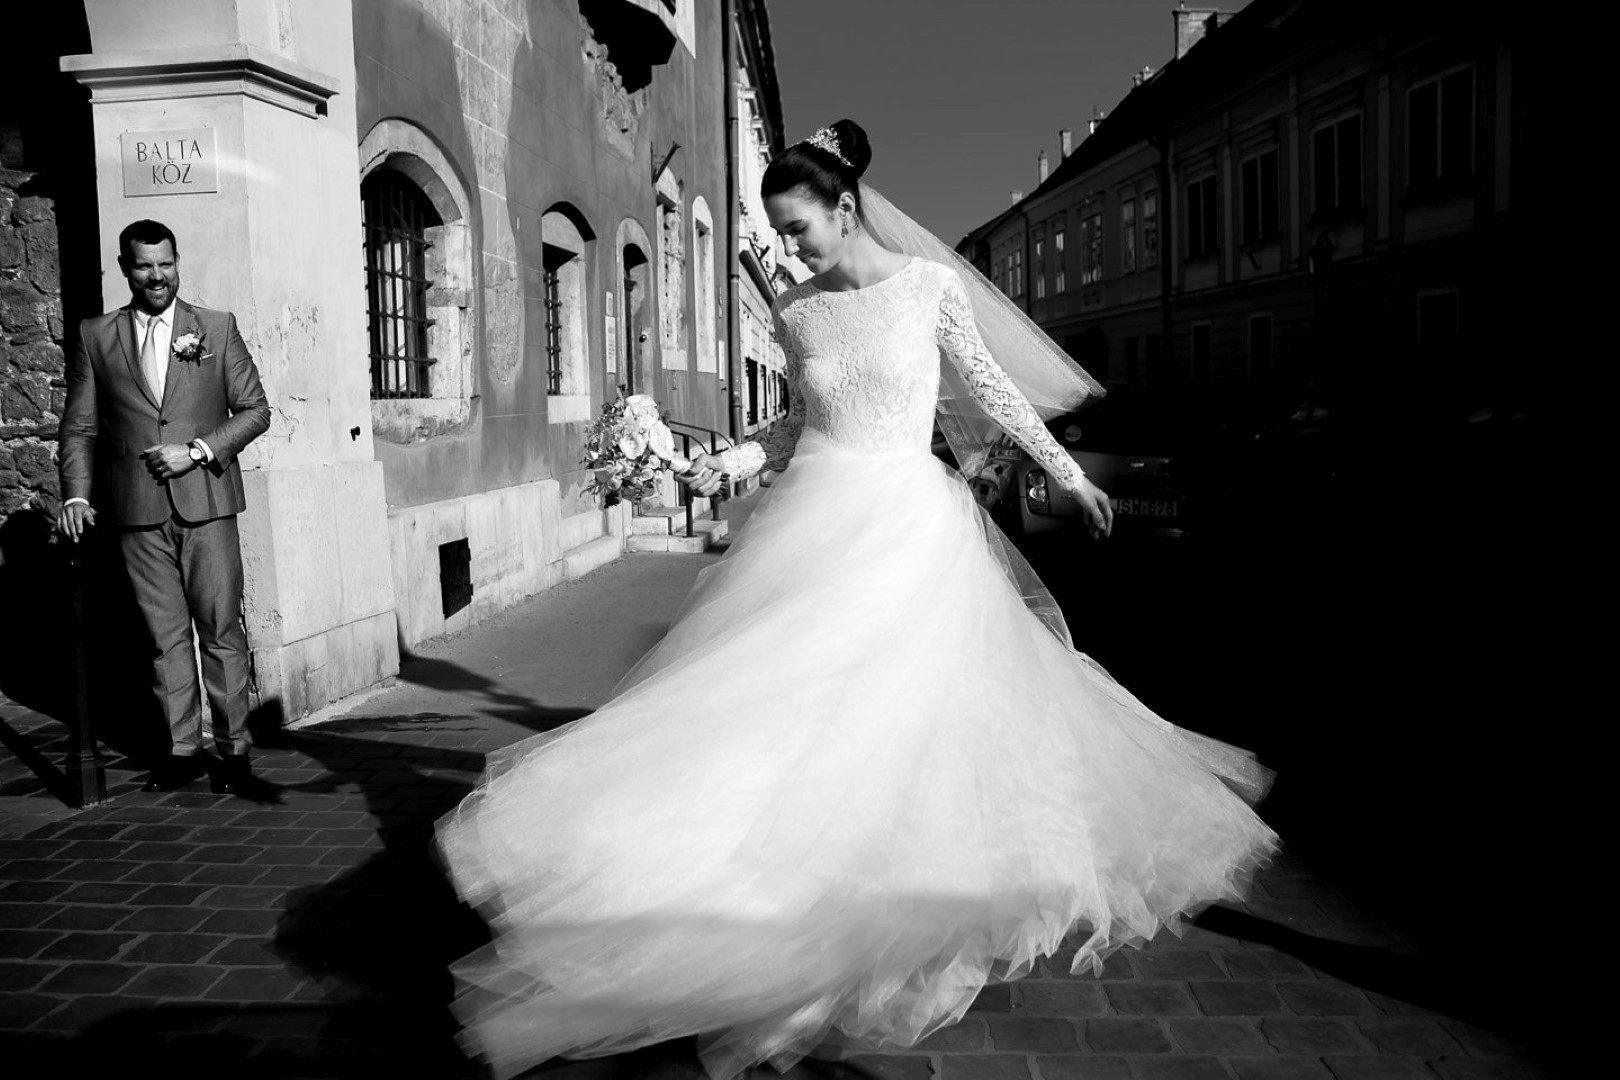 ,királylányos esküvői ruha,királylányos,esküvő,valódi esküvő,esküvői beszámoló,daalarna,daalarna ruha,